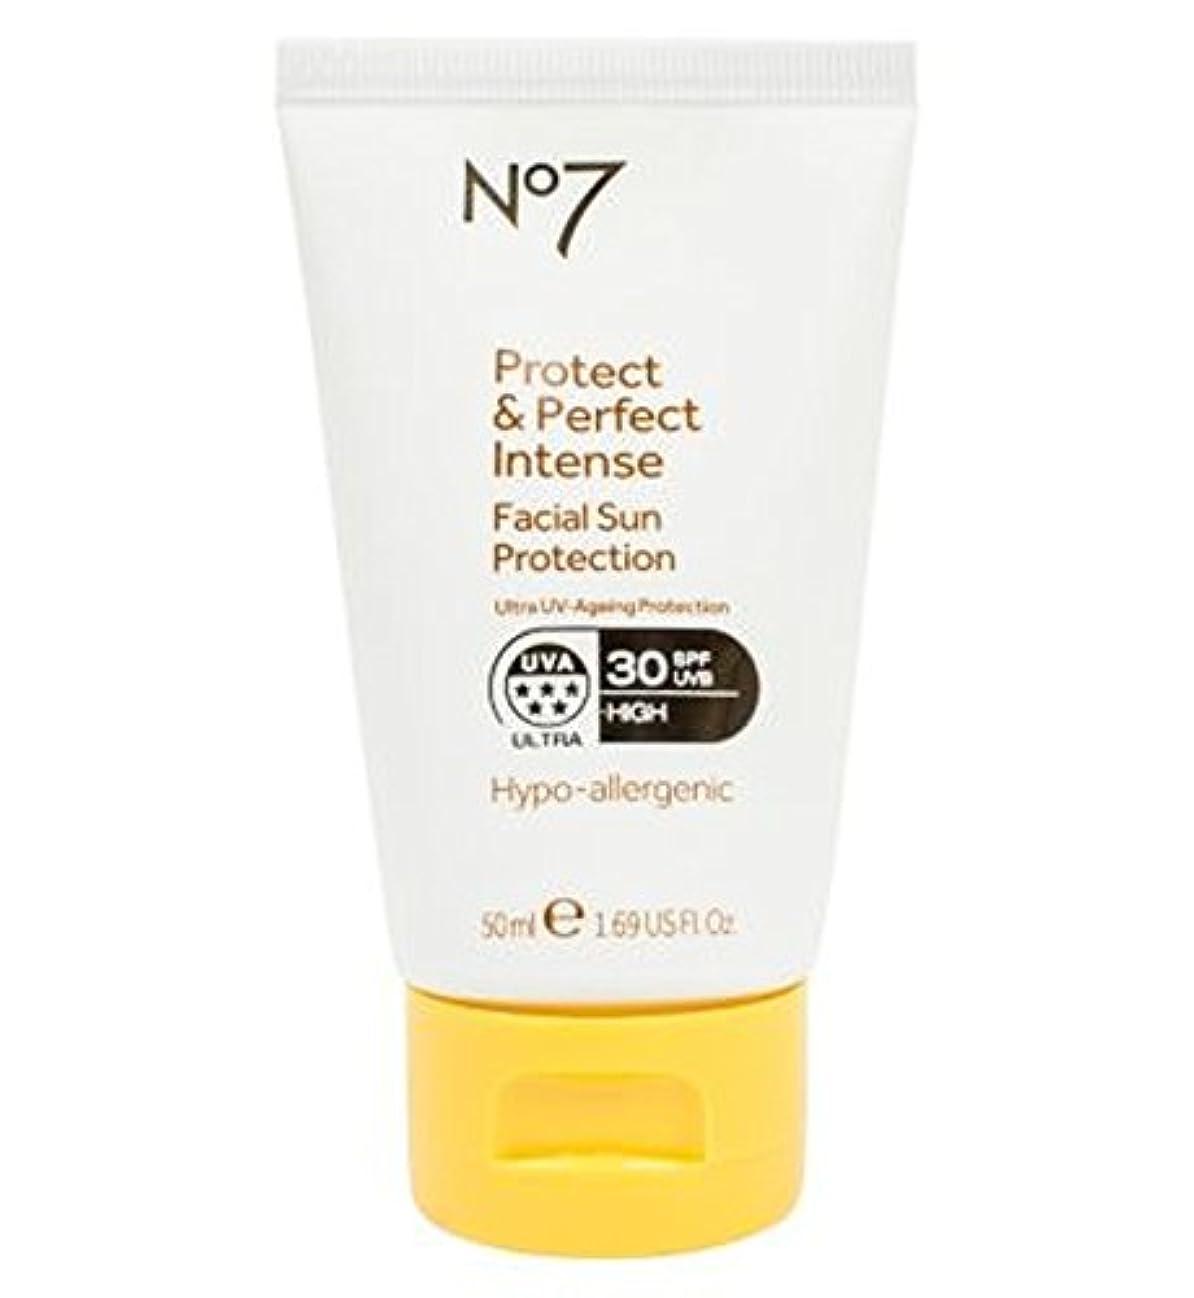 代わりに請求スピンNo7 Protect & Perfect Intense Facial Sun Protection SPF 30 50ml - No7保護&完璧な強烈な顔の日焼け防止Spf 30 50ミリリットル (No7) [並行輸入品]